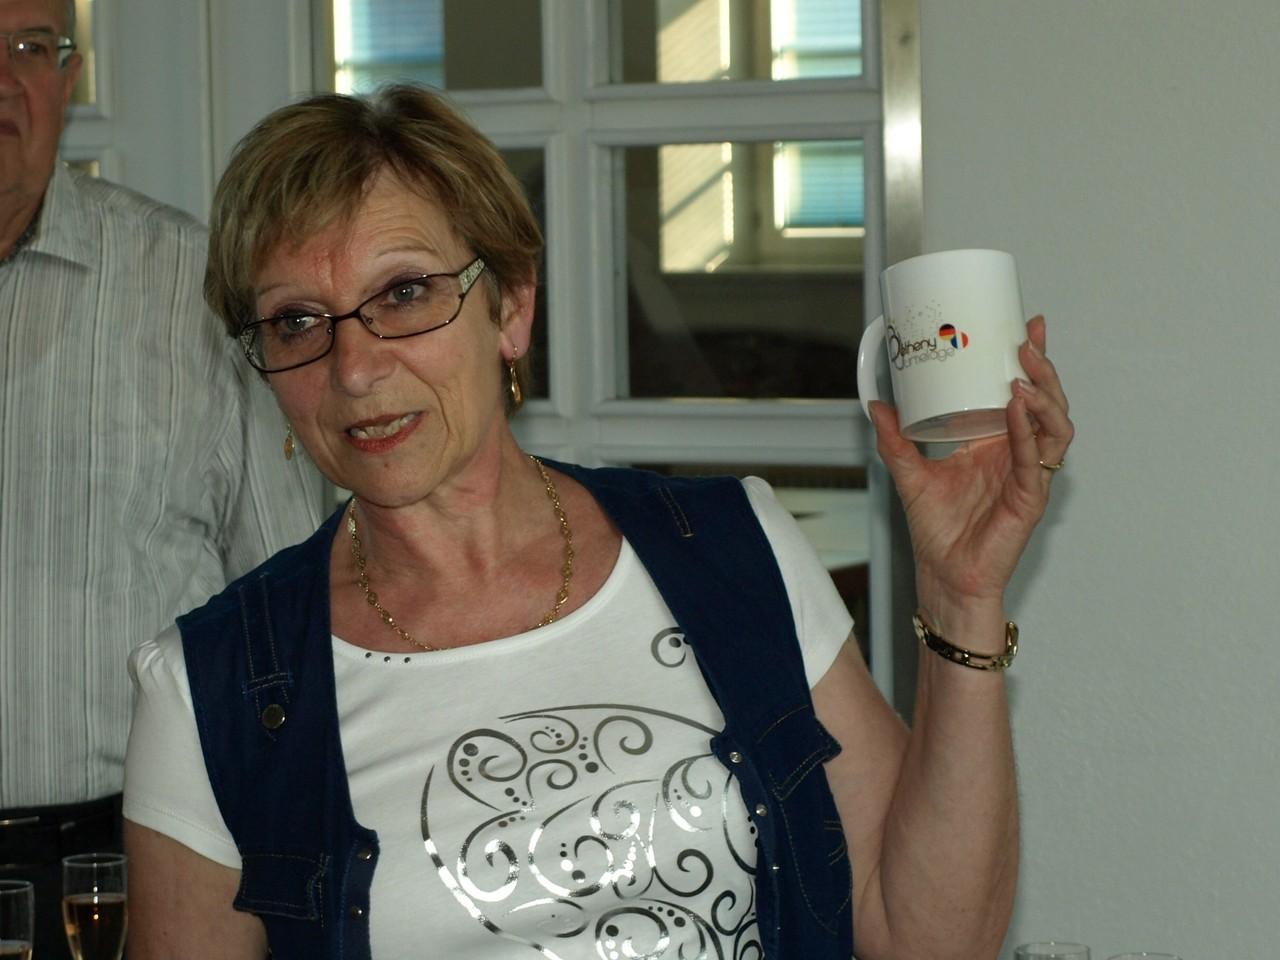 Les mugs offerts aux hôtes allemands.